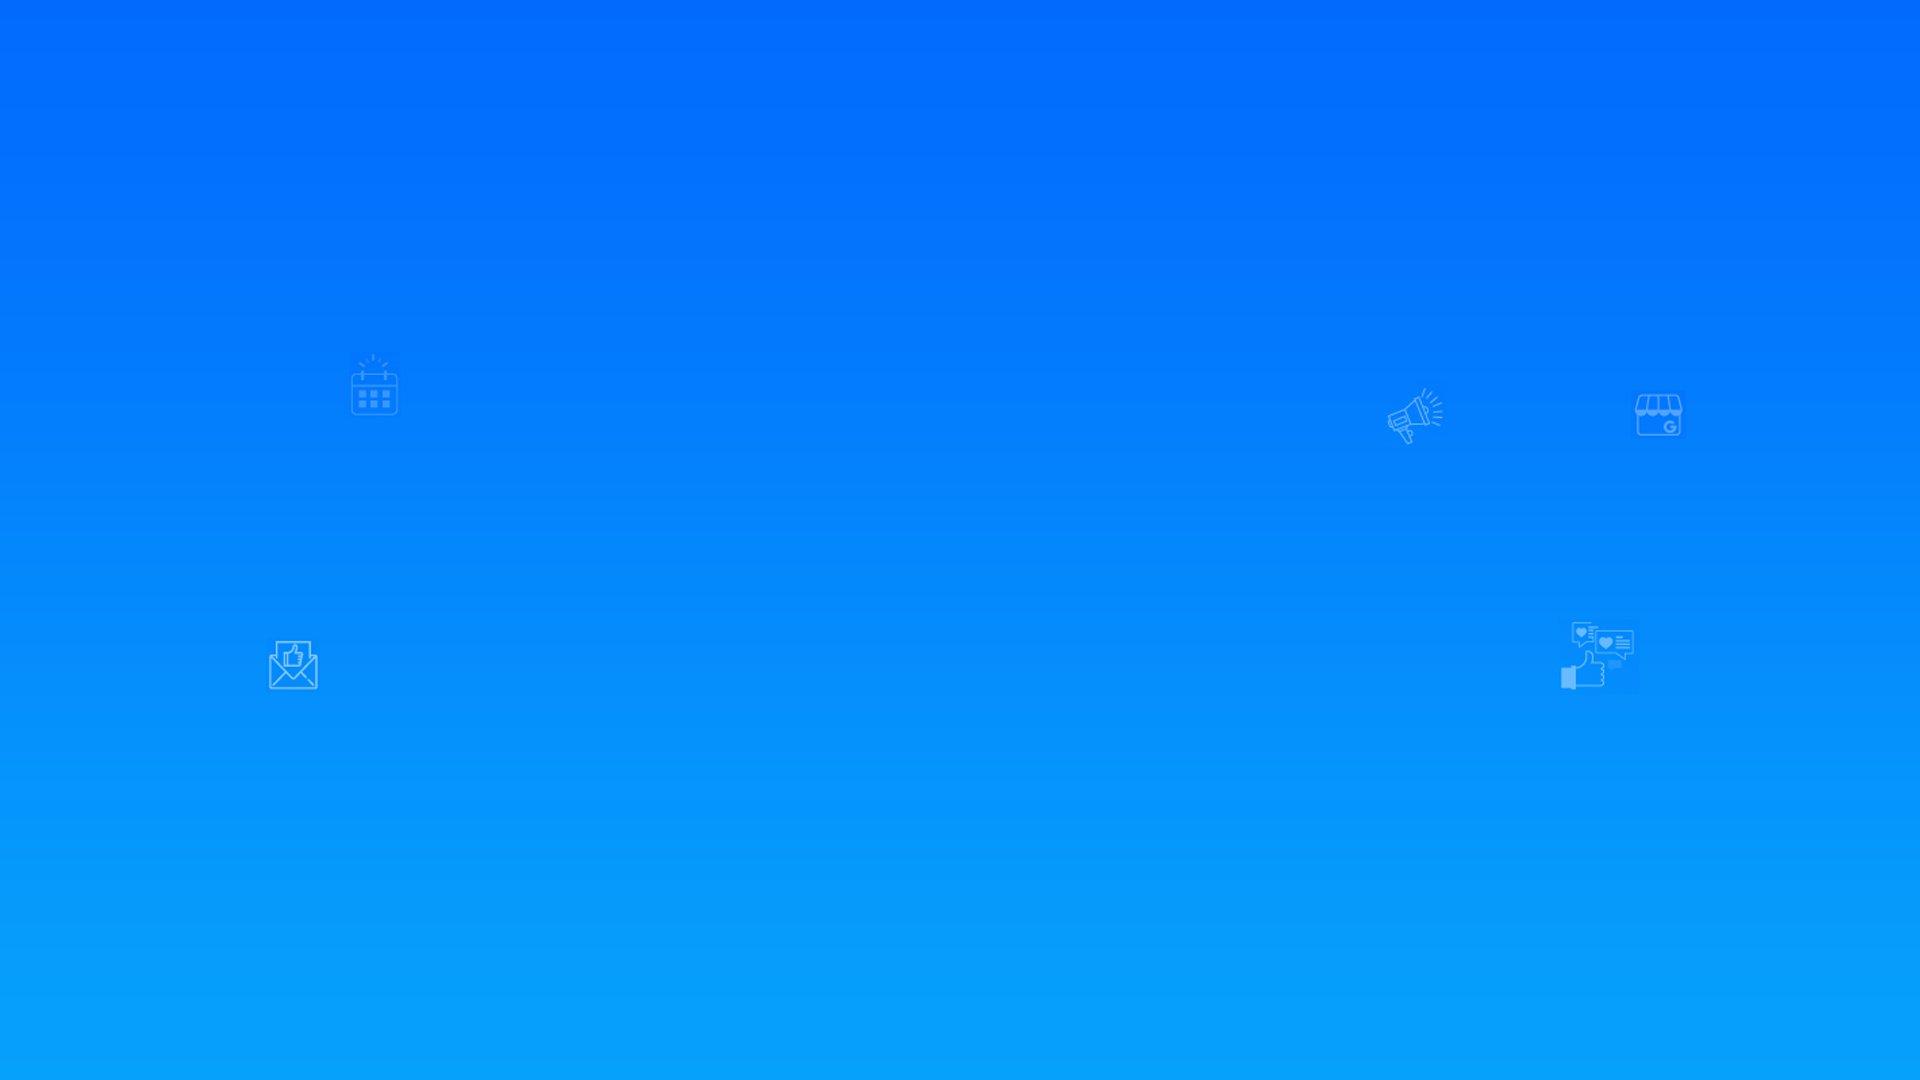 bg_transparent_icon_updated-1